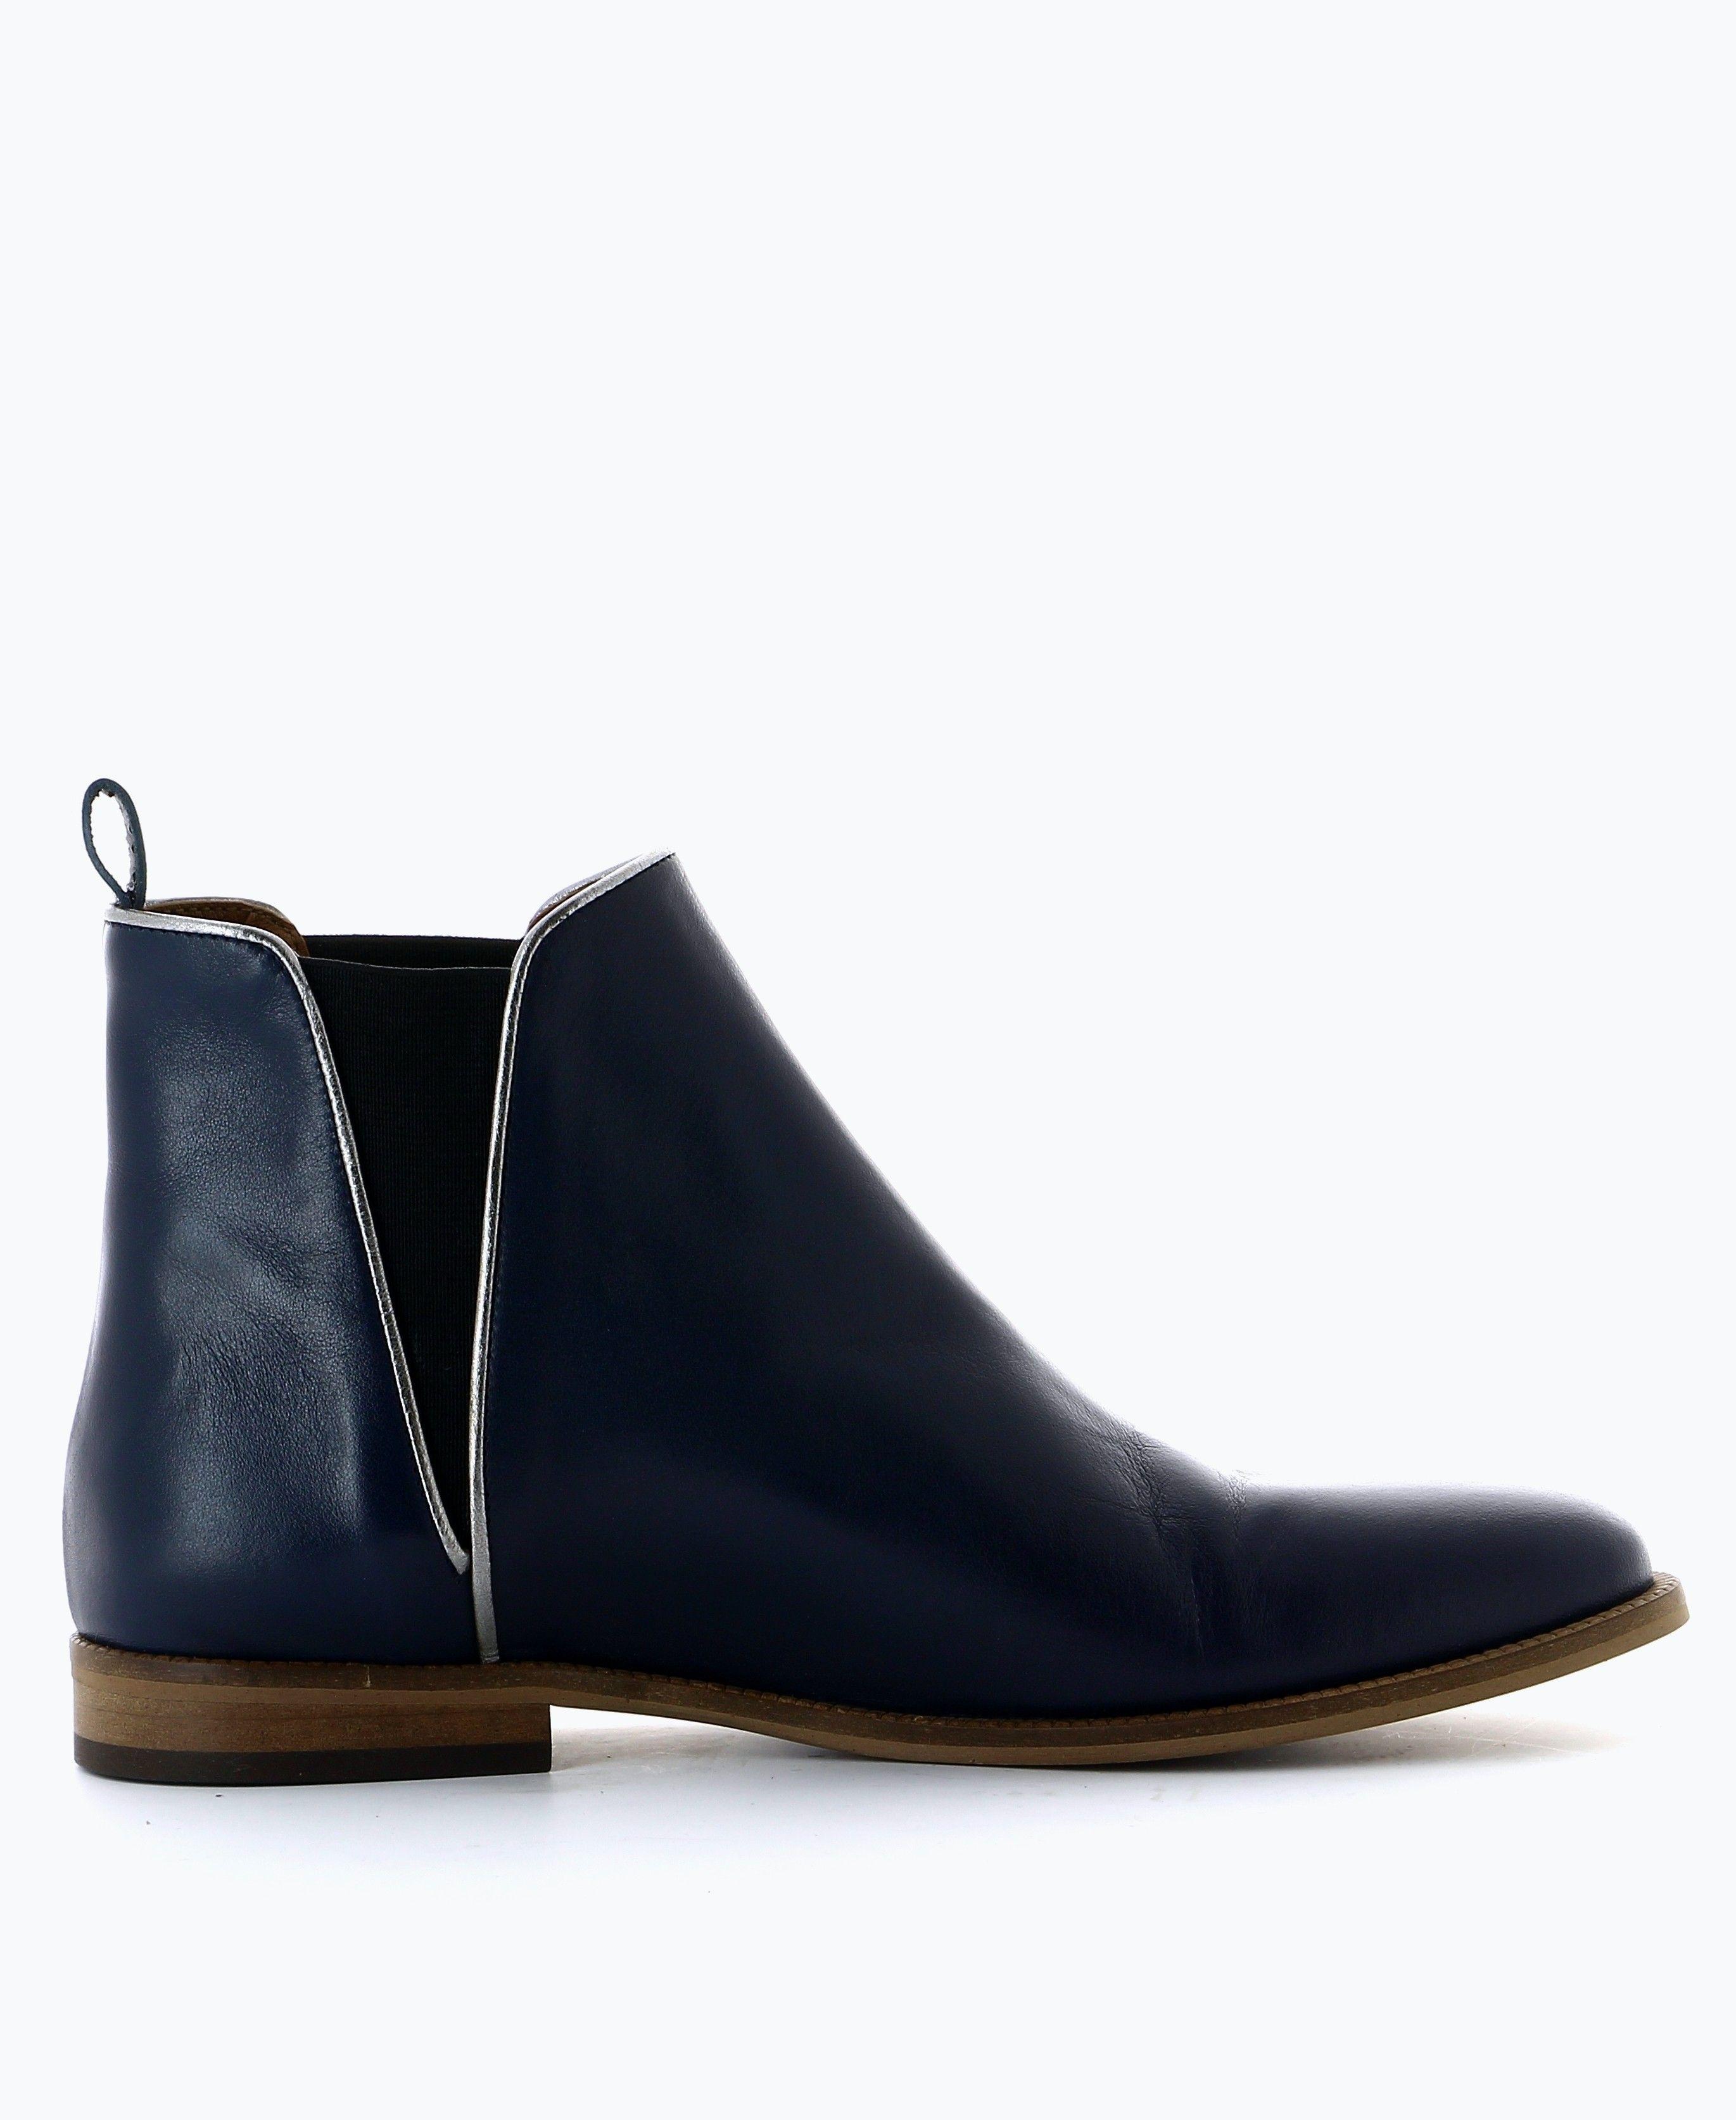 boots chelsea plate - boots - catégories - femme | texto | shoes